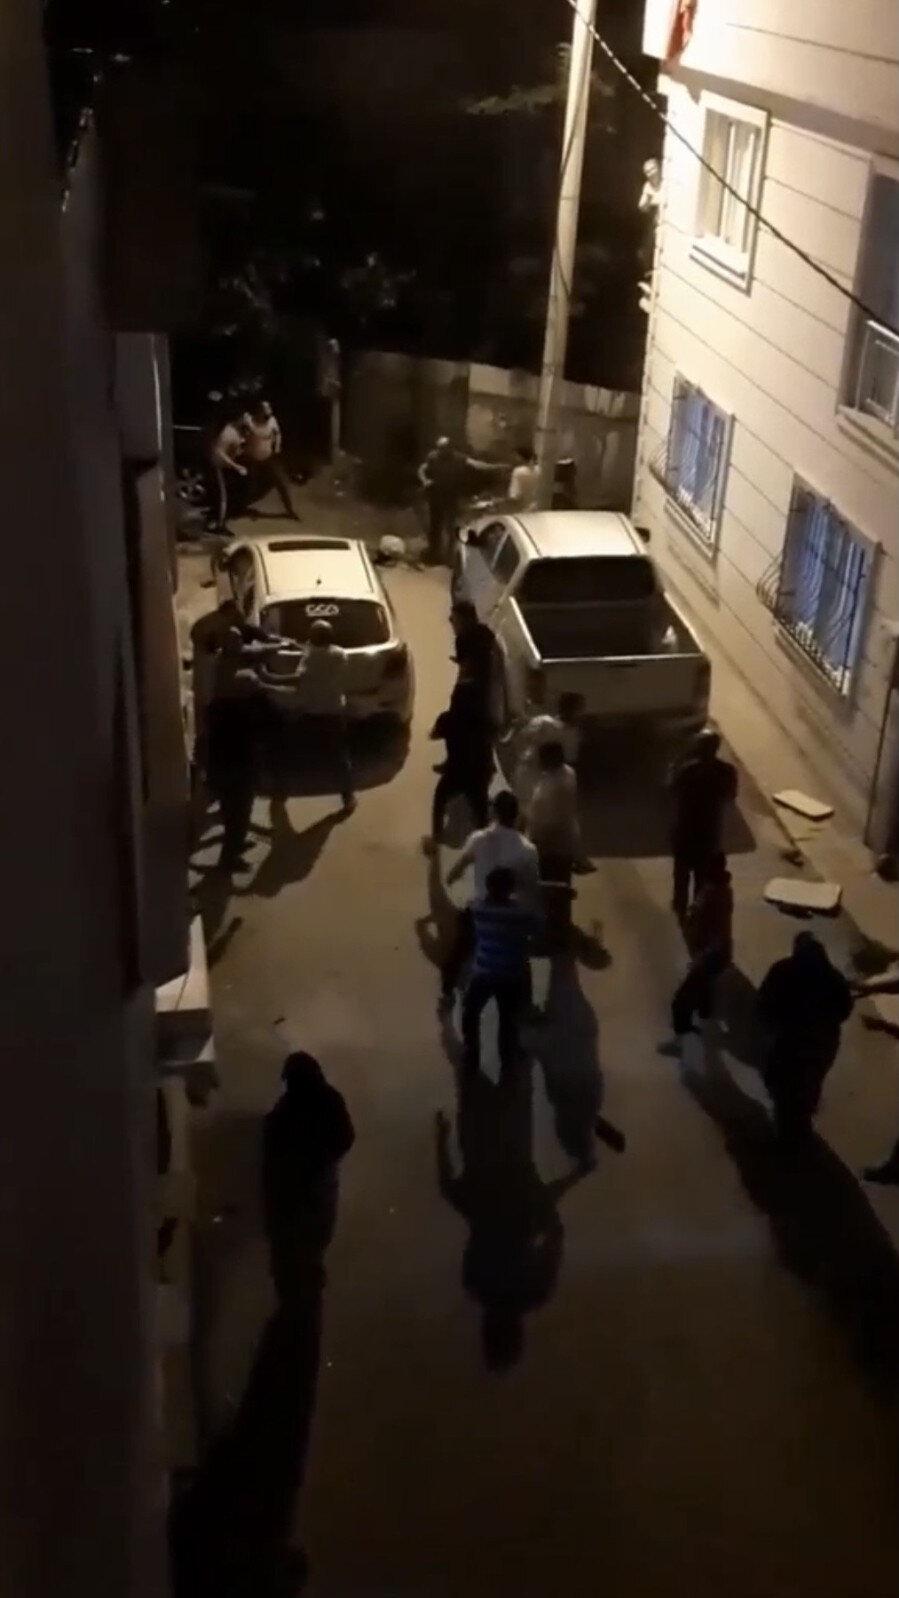 Bursa'da iki aile arasında çıkan taşlı ve sopalı kavga anbean kameralar tarafından kaydedildi.